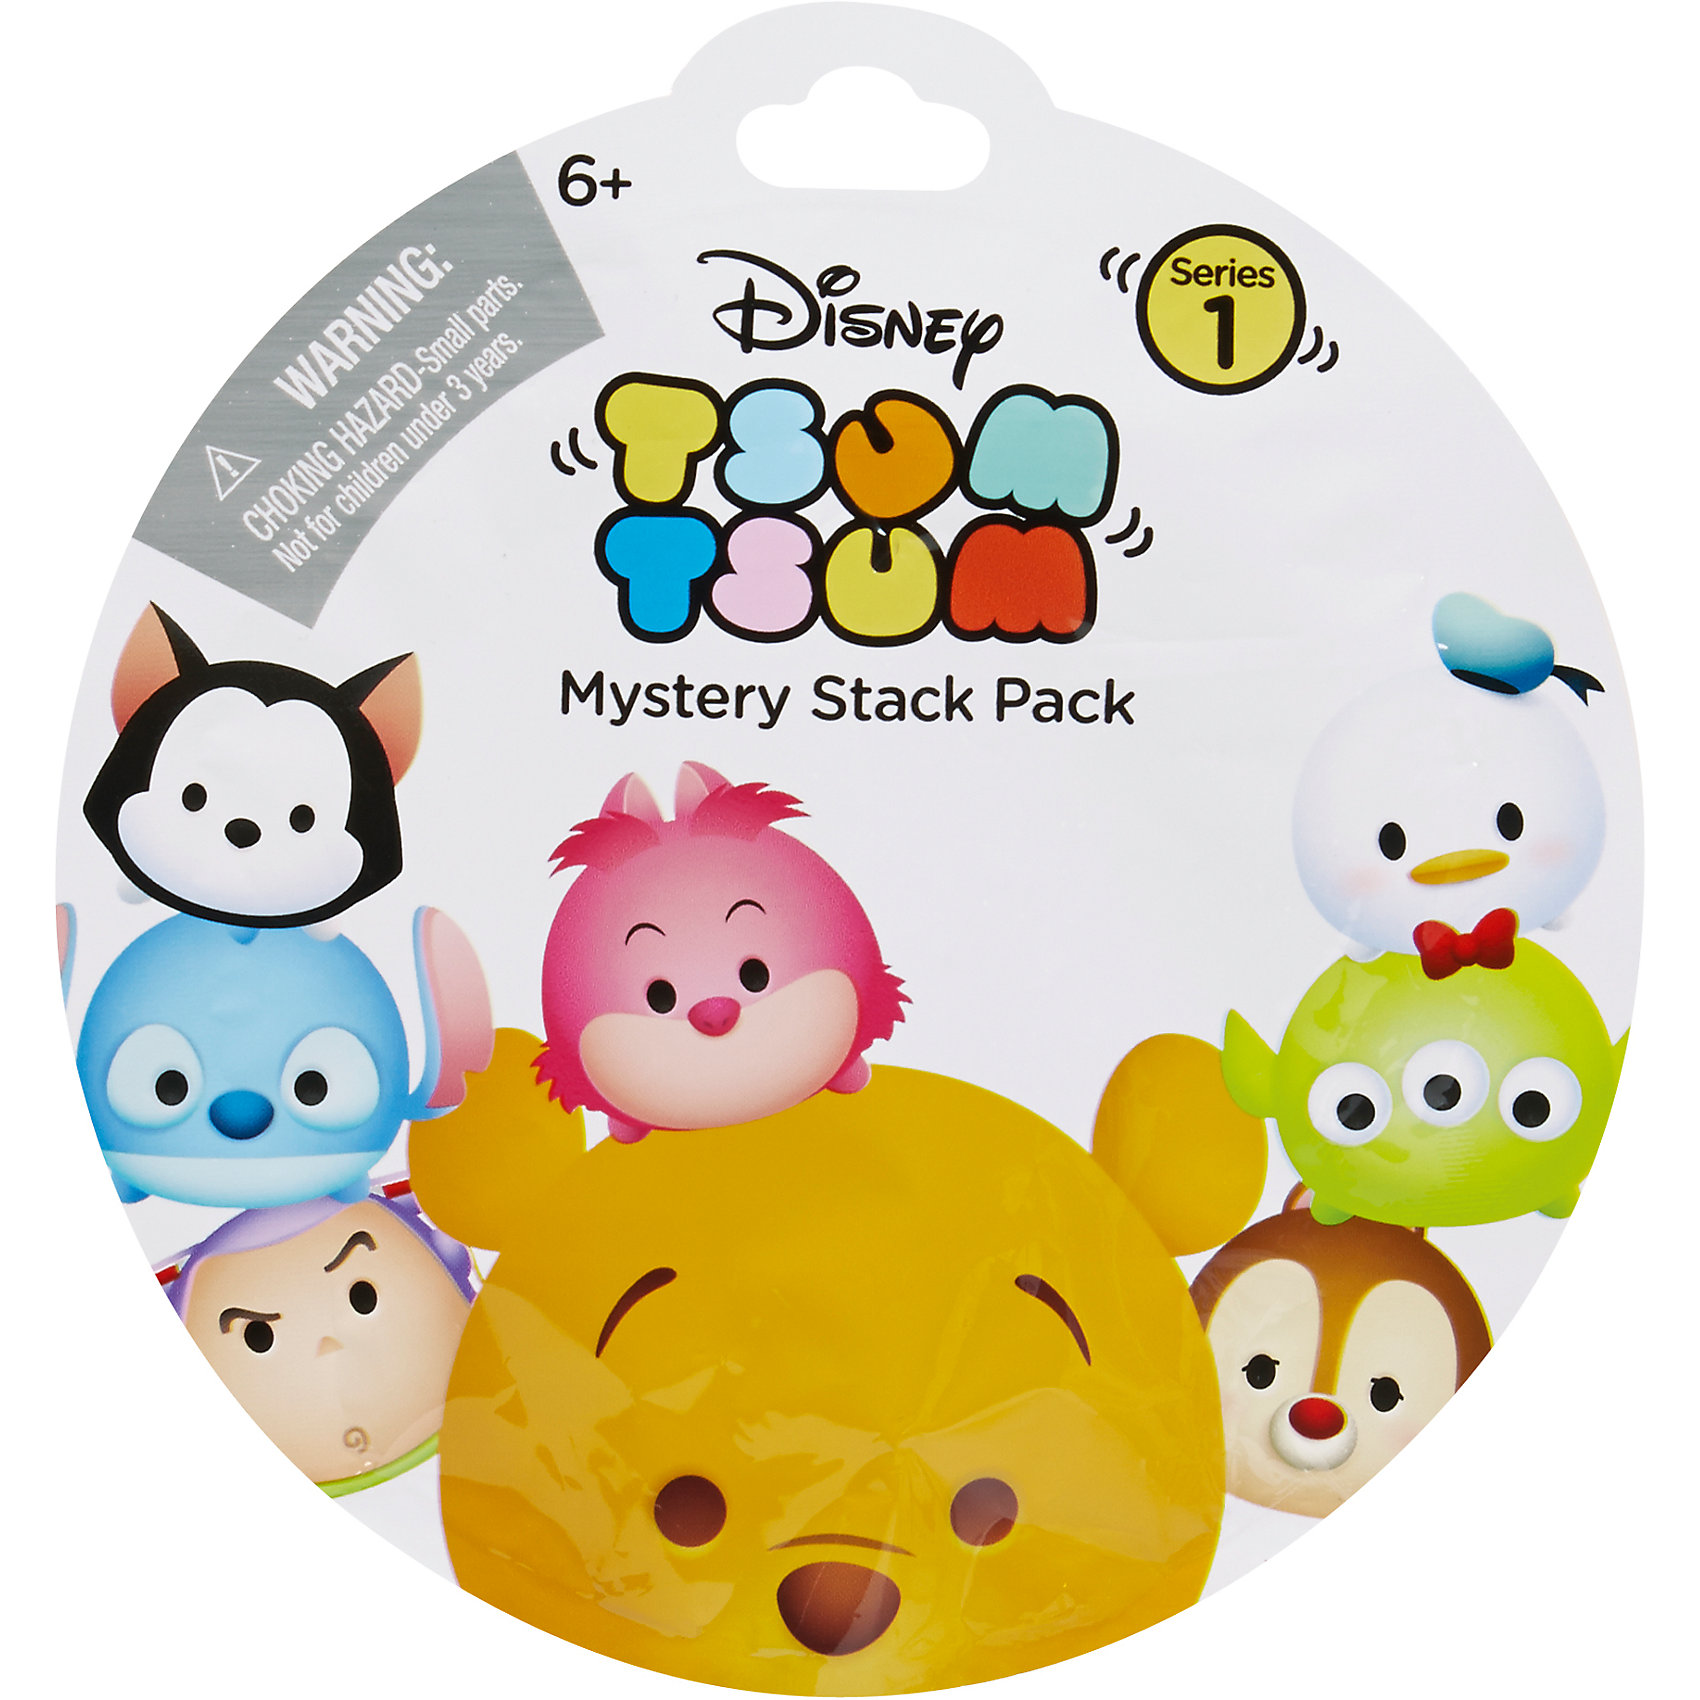 Фигурка коллекционная Tsum TsumНовейшие коллекционные игрушки серии Tsum Tsum. Каждая игрушка своего размера, их можно сажать на спинки друг друга. Каждая фигурка изображает любимых детских персонажей из мультфильмов. В наборах можно найти: котенка Фигаро, Гуфи, Винни-Пух, Пятачка, Дональда Дака, киску Мари, Ститча, Микки Мауса, Золушку, слоненка Дамбо, ослика Иа, Чеширского кота, снеговика Олафа и многих других. <br><br>Дополнительная информация:<br><br>- Возраст: от 3 лет.<br>- Материал: пластик.<br>- В наборе 1 игрушка.<br>- Размер упаковки: 10х3х14 см.<br><br>Купить коллекционную фигурку Tsum Tsum, в ассортименте, можно в нашем магазине.<br><br>Ширина мм: 60<br>Глубина мм: 30<br>Высота мм: 60<br>Вес г: 55<br>Возраст от месяцев: 72<br>Возраст до месяцев: 144<br>Пол: Унисекс<br>Возраст: Детский<br>SKU: 4929094